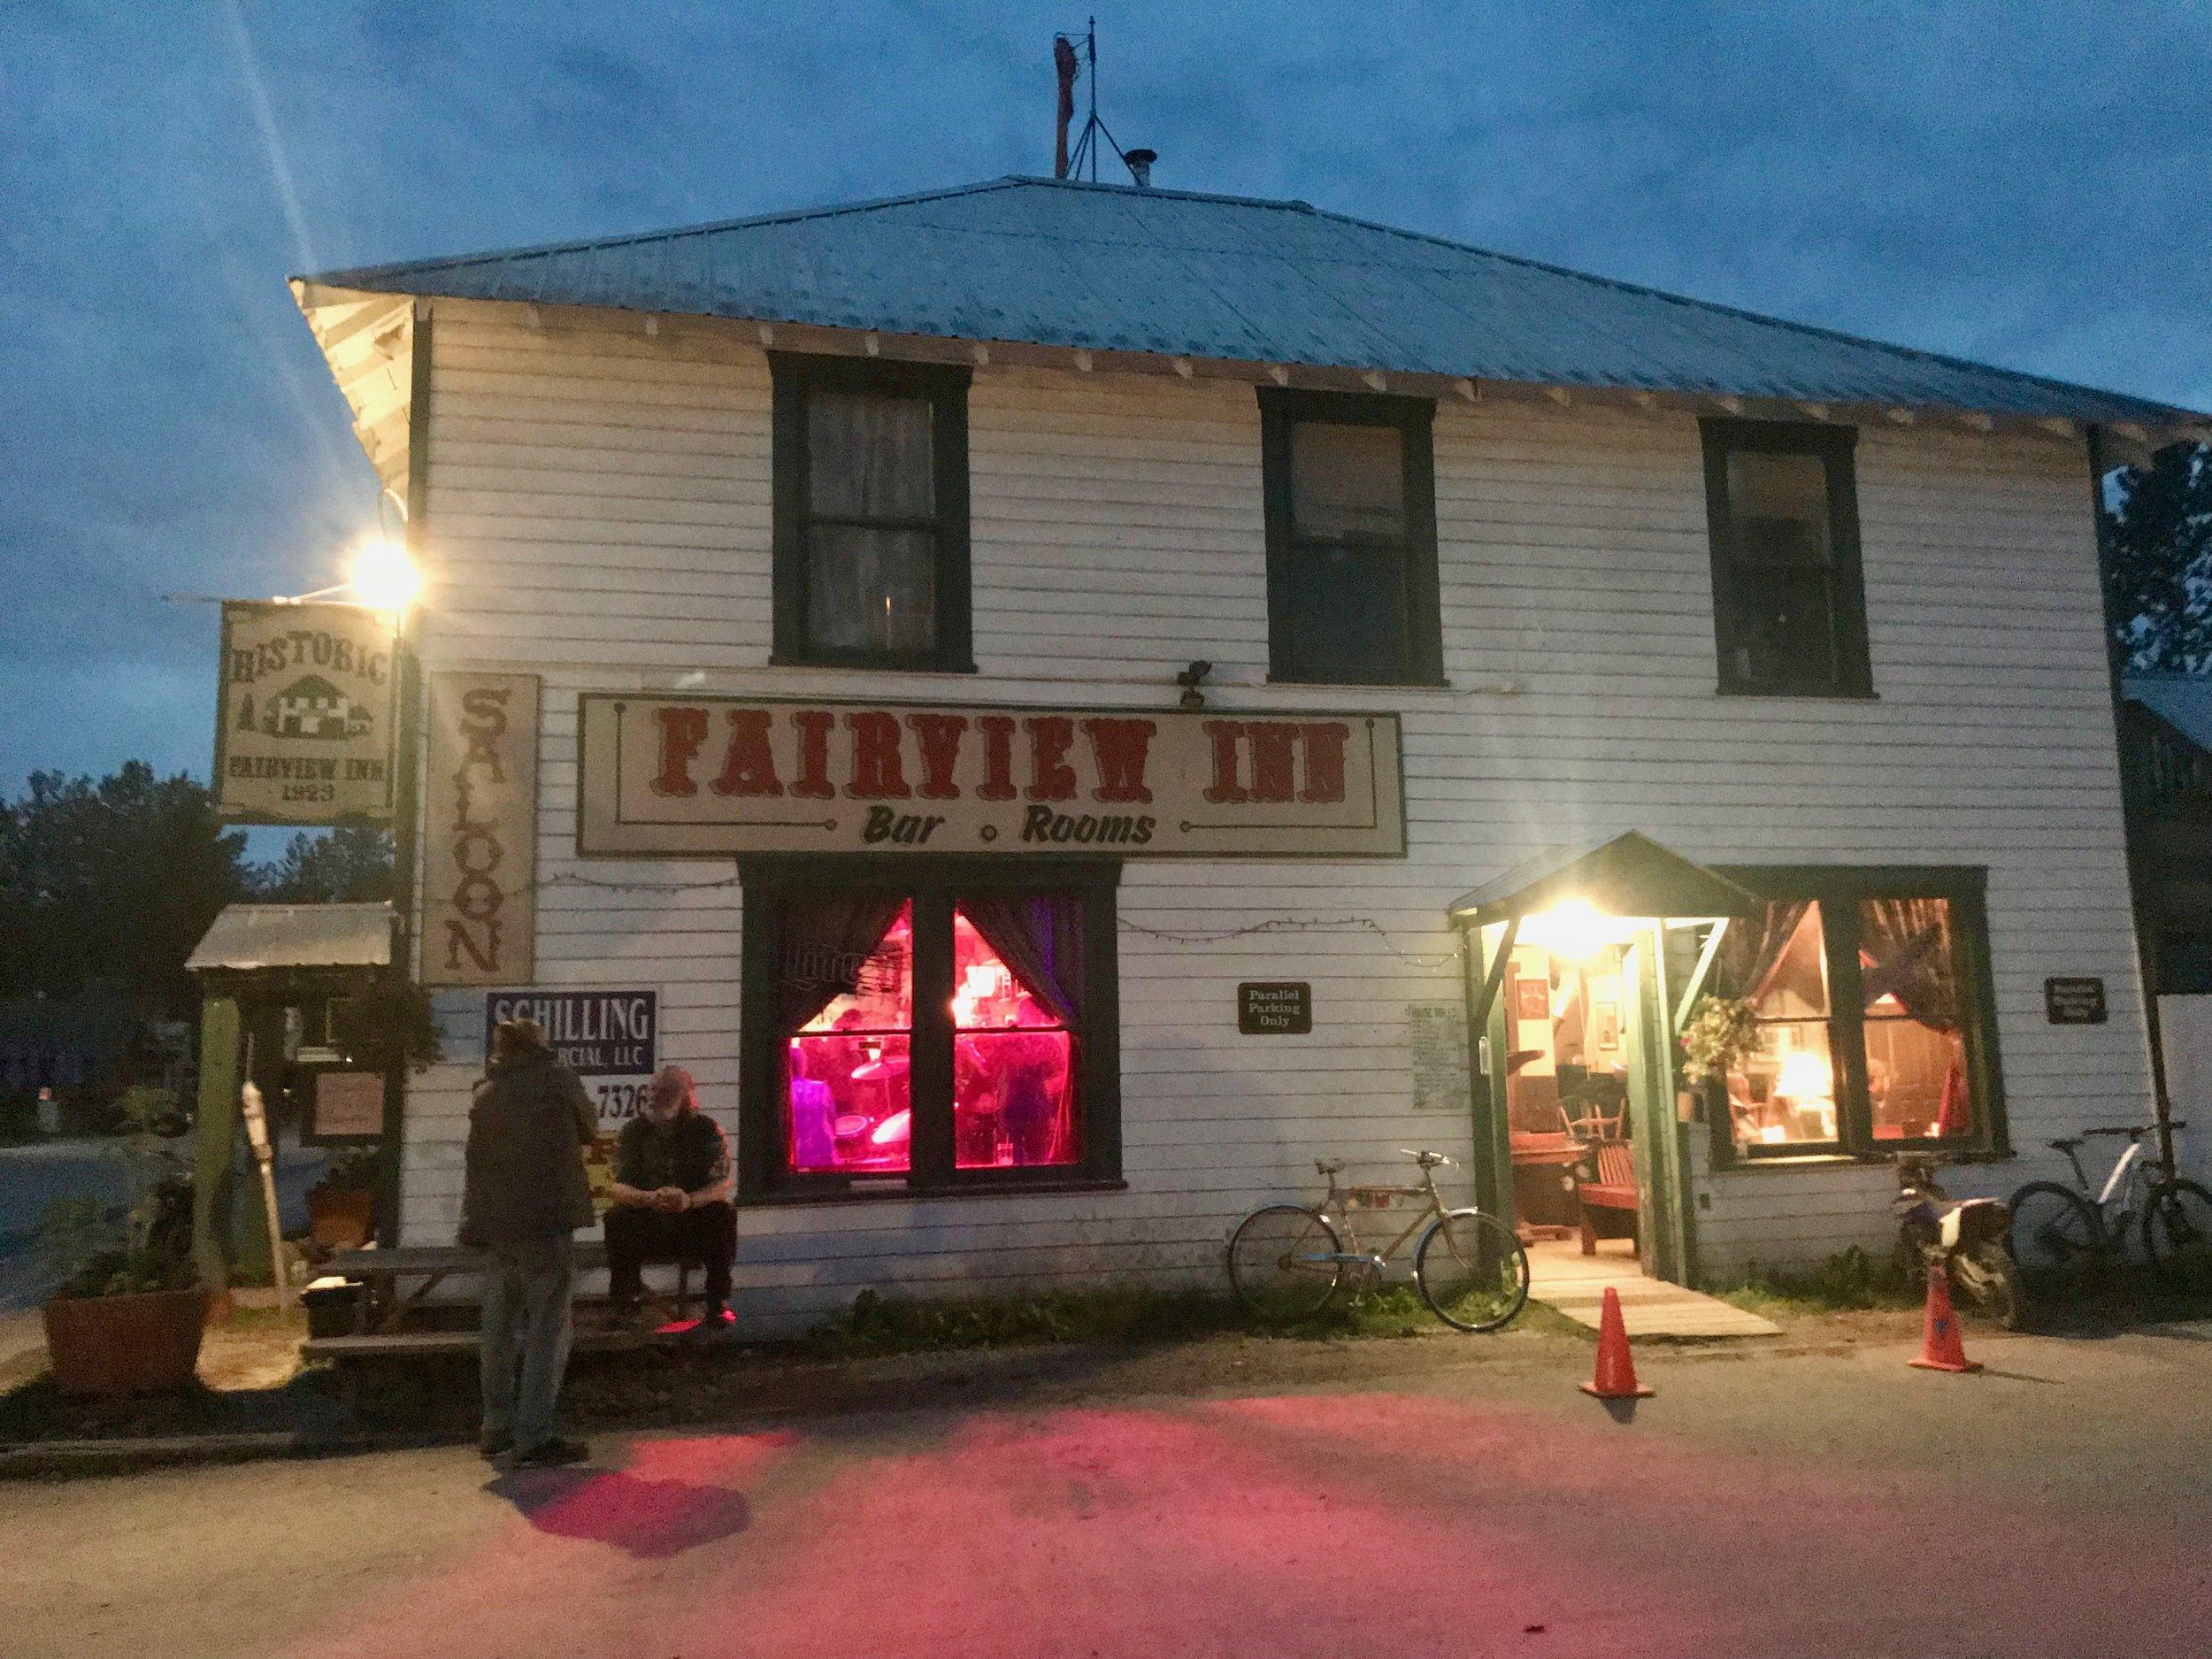 Fairview Inn in Talkeetna, Alaska, where President Warren Harding made one of his last visits.